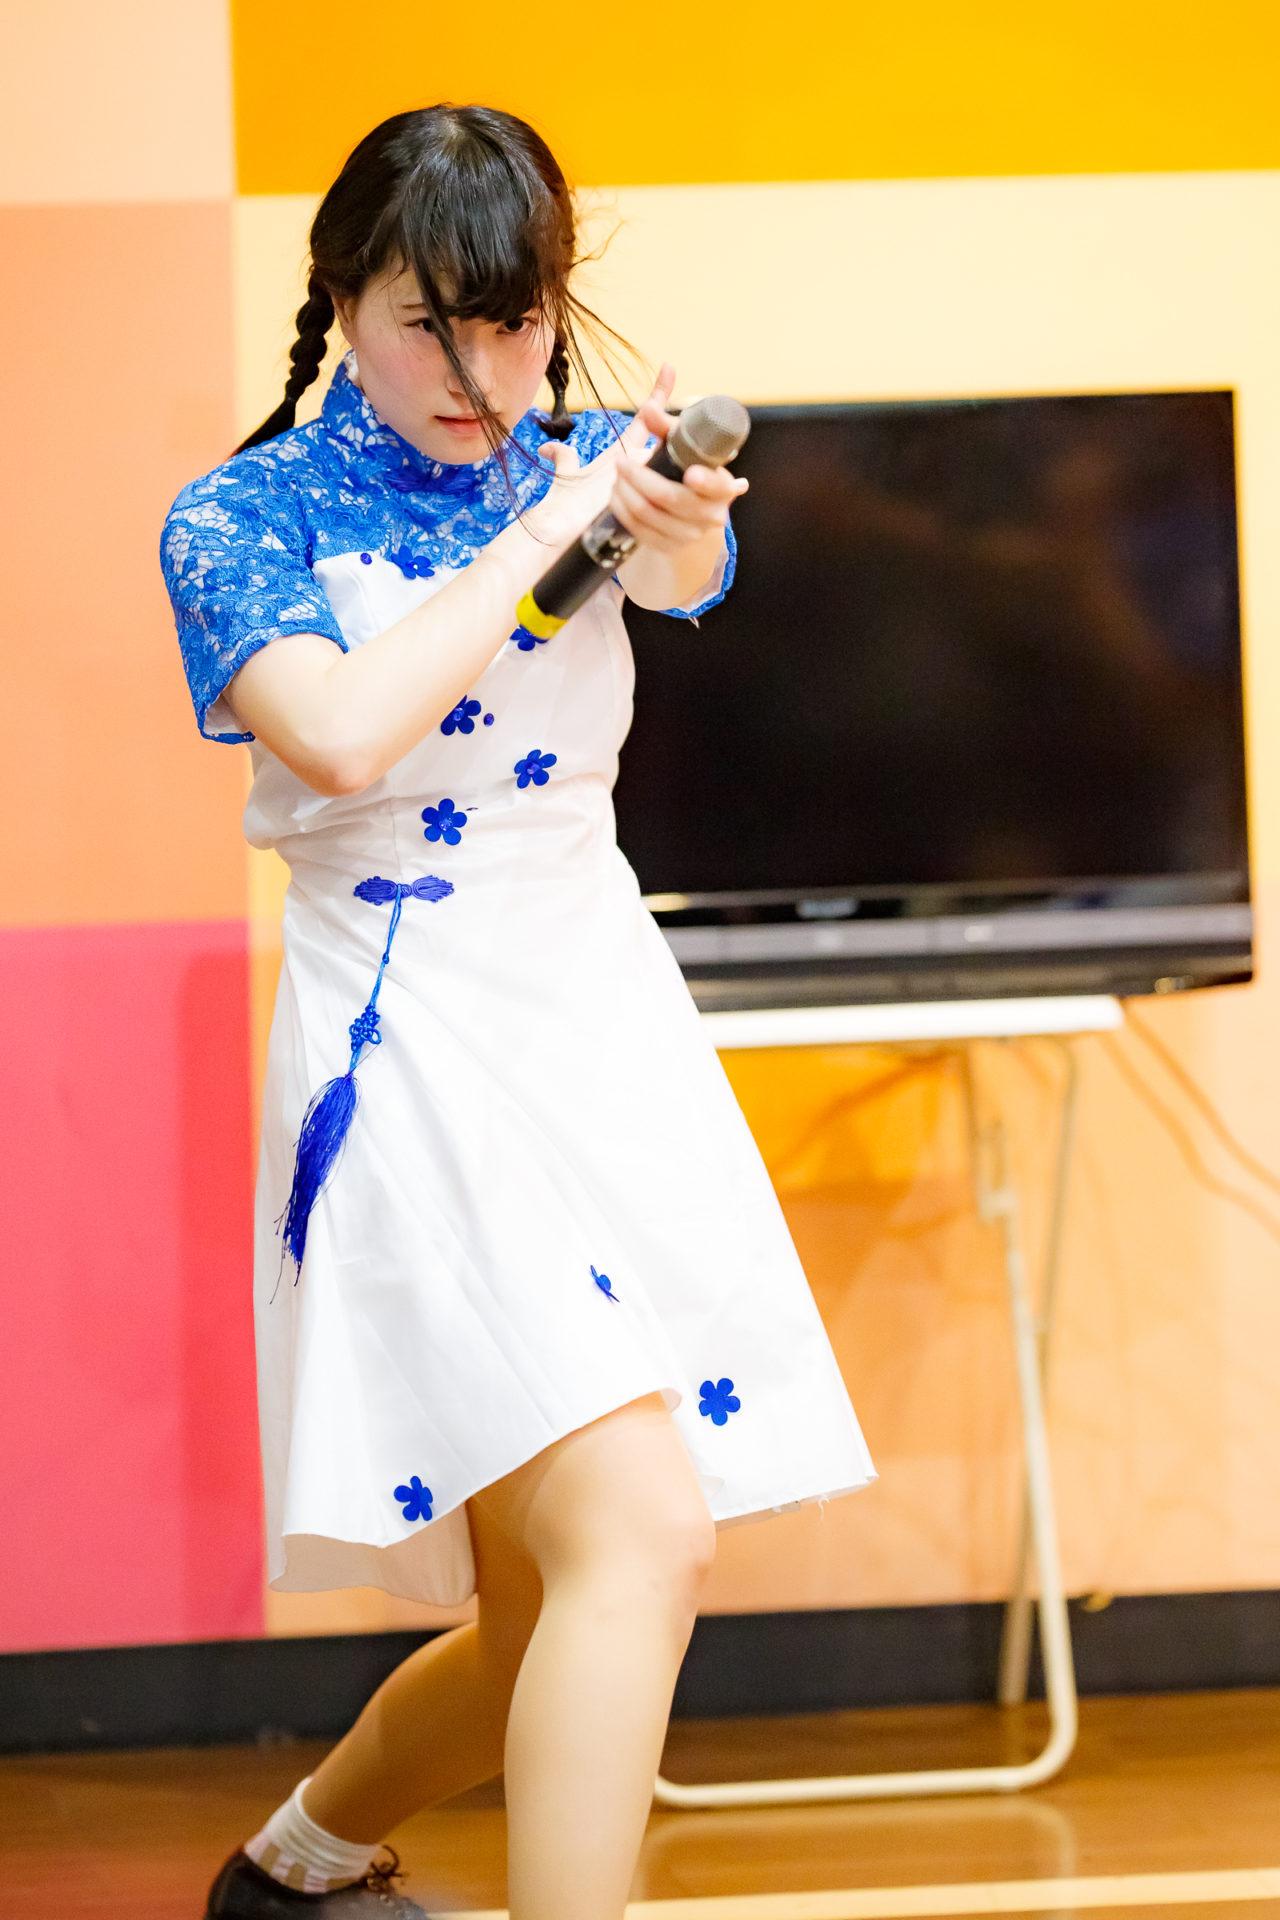 2代目HAPPY少女♪ あゆみ ( 新谷亜由美 )   ディノスパーク×ライブプロマンスリーLIVE vol.1